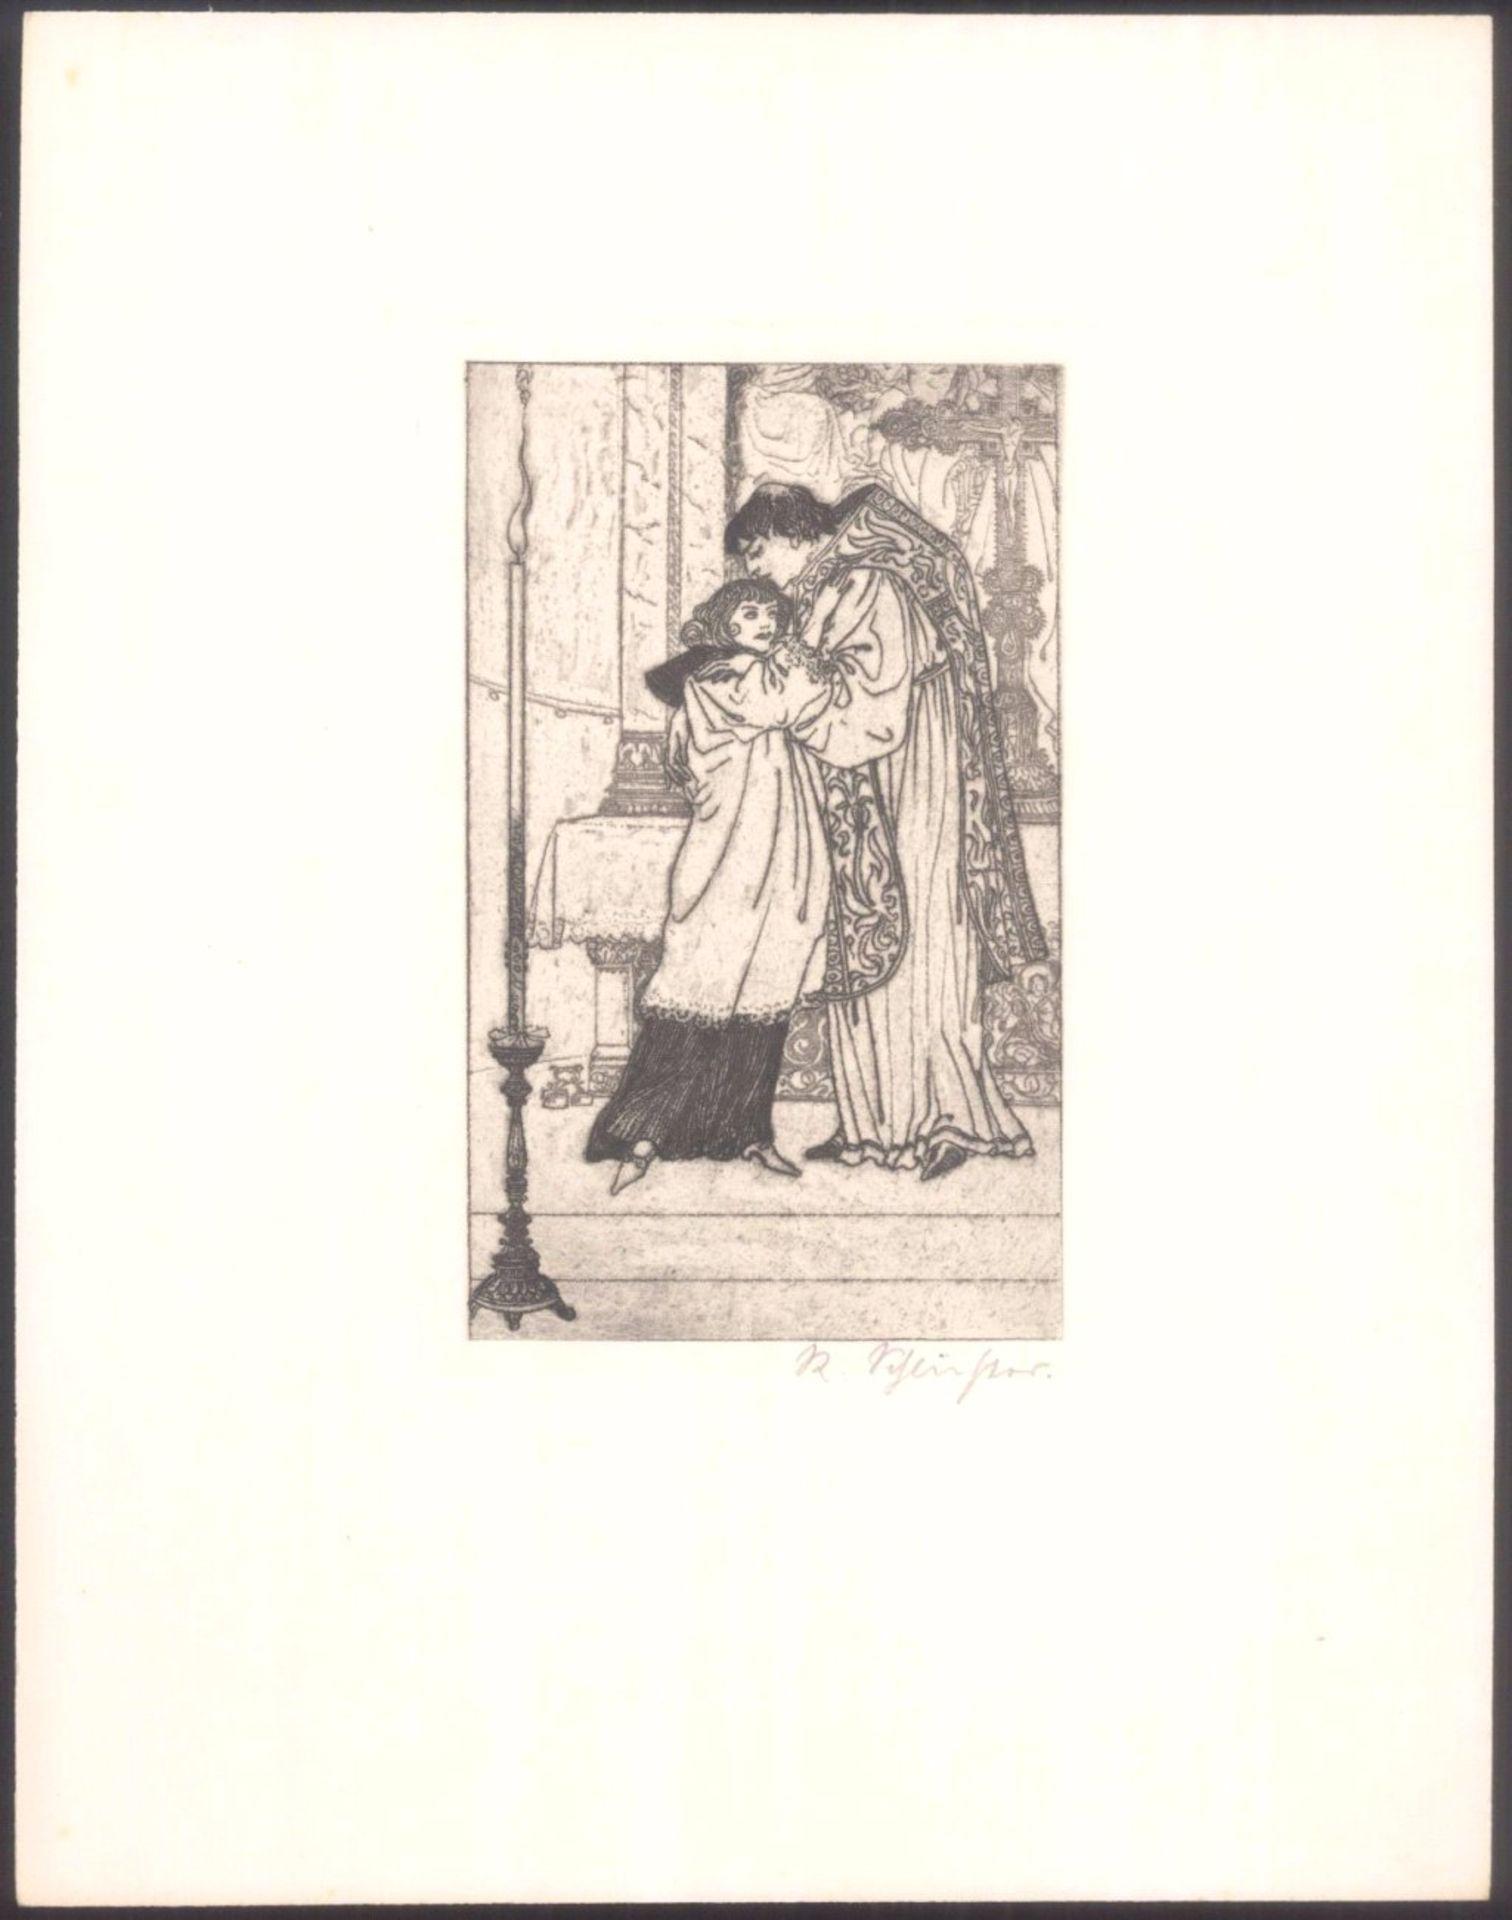 Rudolf Schlichter 1890-1955. Am AltarKaltnadelradierung, unten rechts mit Bleistift signiert,ca. - Bild 2 aus 3